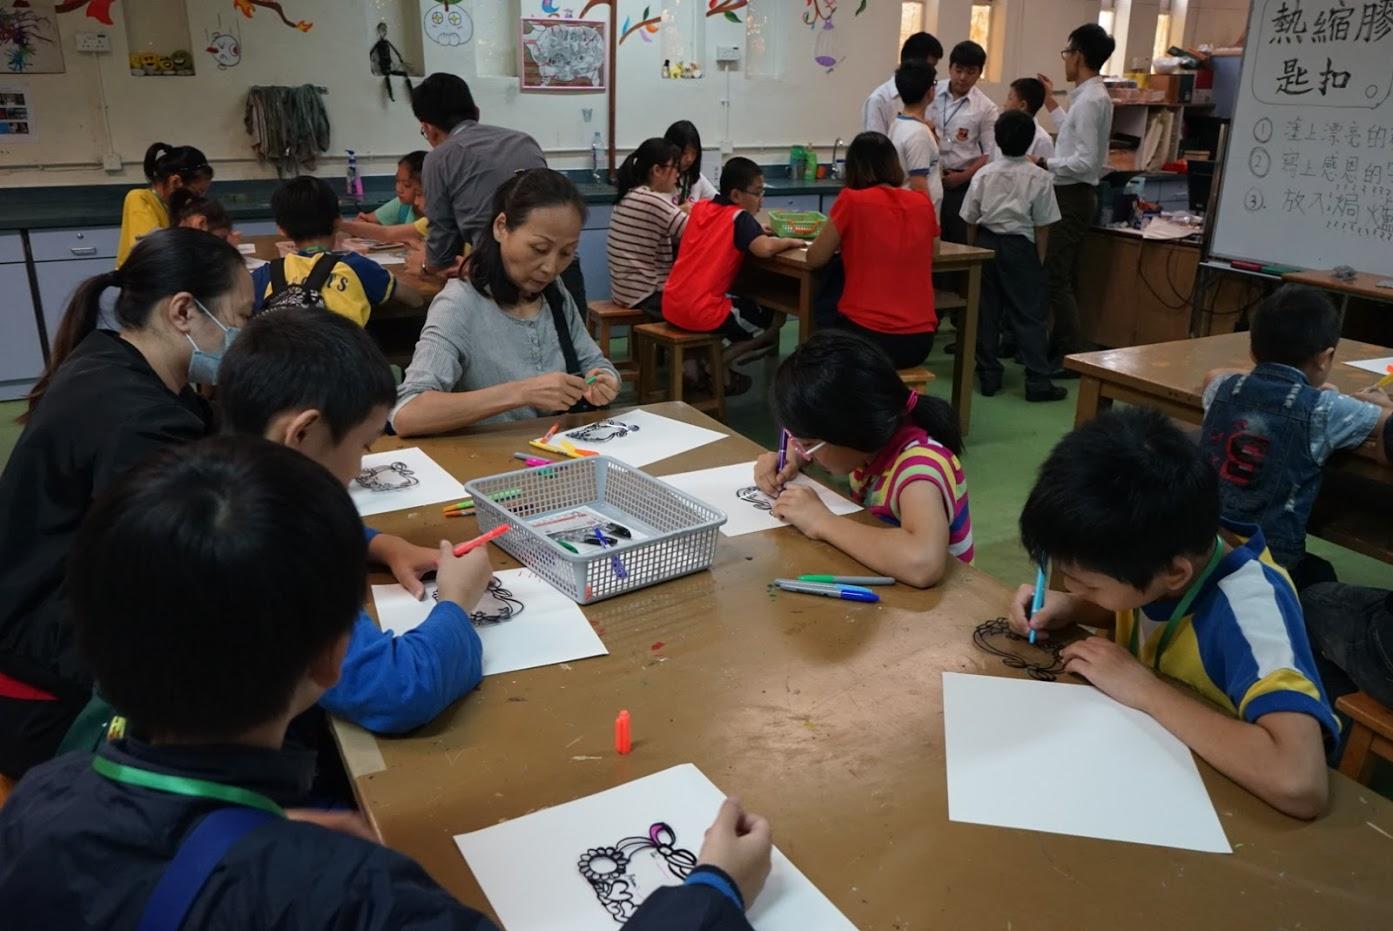 天主教慈幼會伍少梅中學的中學生活體驗日 - 活動精華相片11